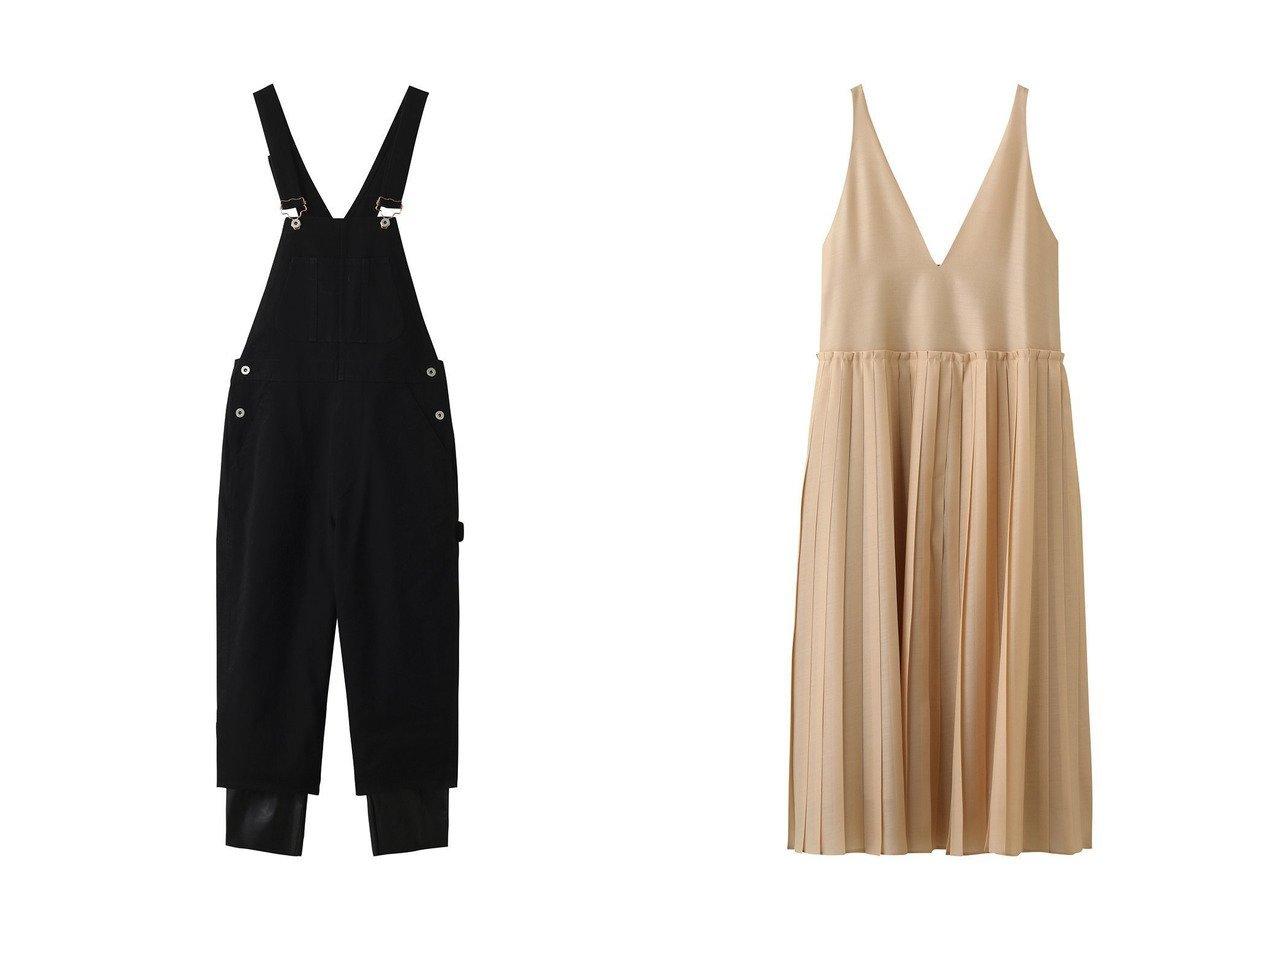 【nagonstans/ナゴンスタンス】のレイヤード オーバーオール R-05&【ebure/エブール】のライトシルクウール キャミワンピース ワンピース・ドレスのおすすめ!人気、レディースファッションの通販  おすすめで人気のファッション通販商品 インテリア・家具・キッズファッション・メンズファッション・レディースファッション・服の通販 founy(ファニー) https://founy.com/ ファッション Fashion レディース WOMEN ワンピース Dress オールインワン ワンピース All In One Dress キャミワンピース No Sleeve Dresses トレンド ベーシック ロング キャミワンピース シルク プリーツ 冬 Winter 半袖  ID:crp329100000004261